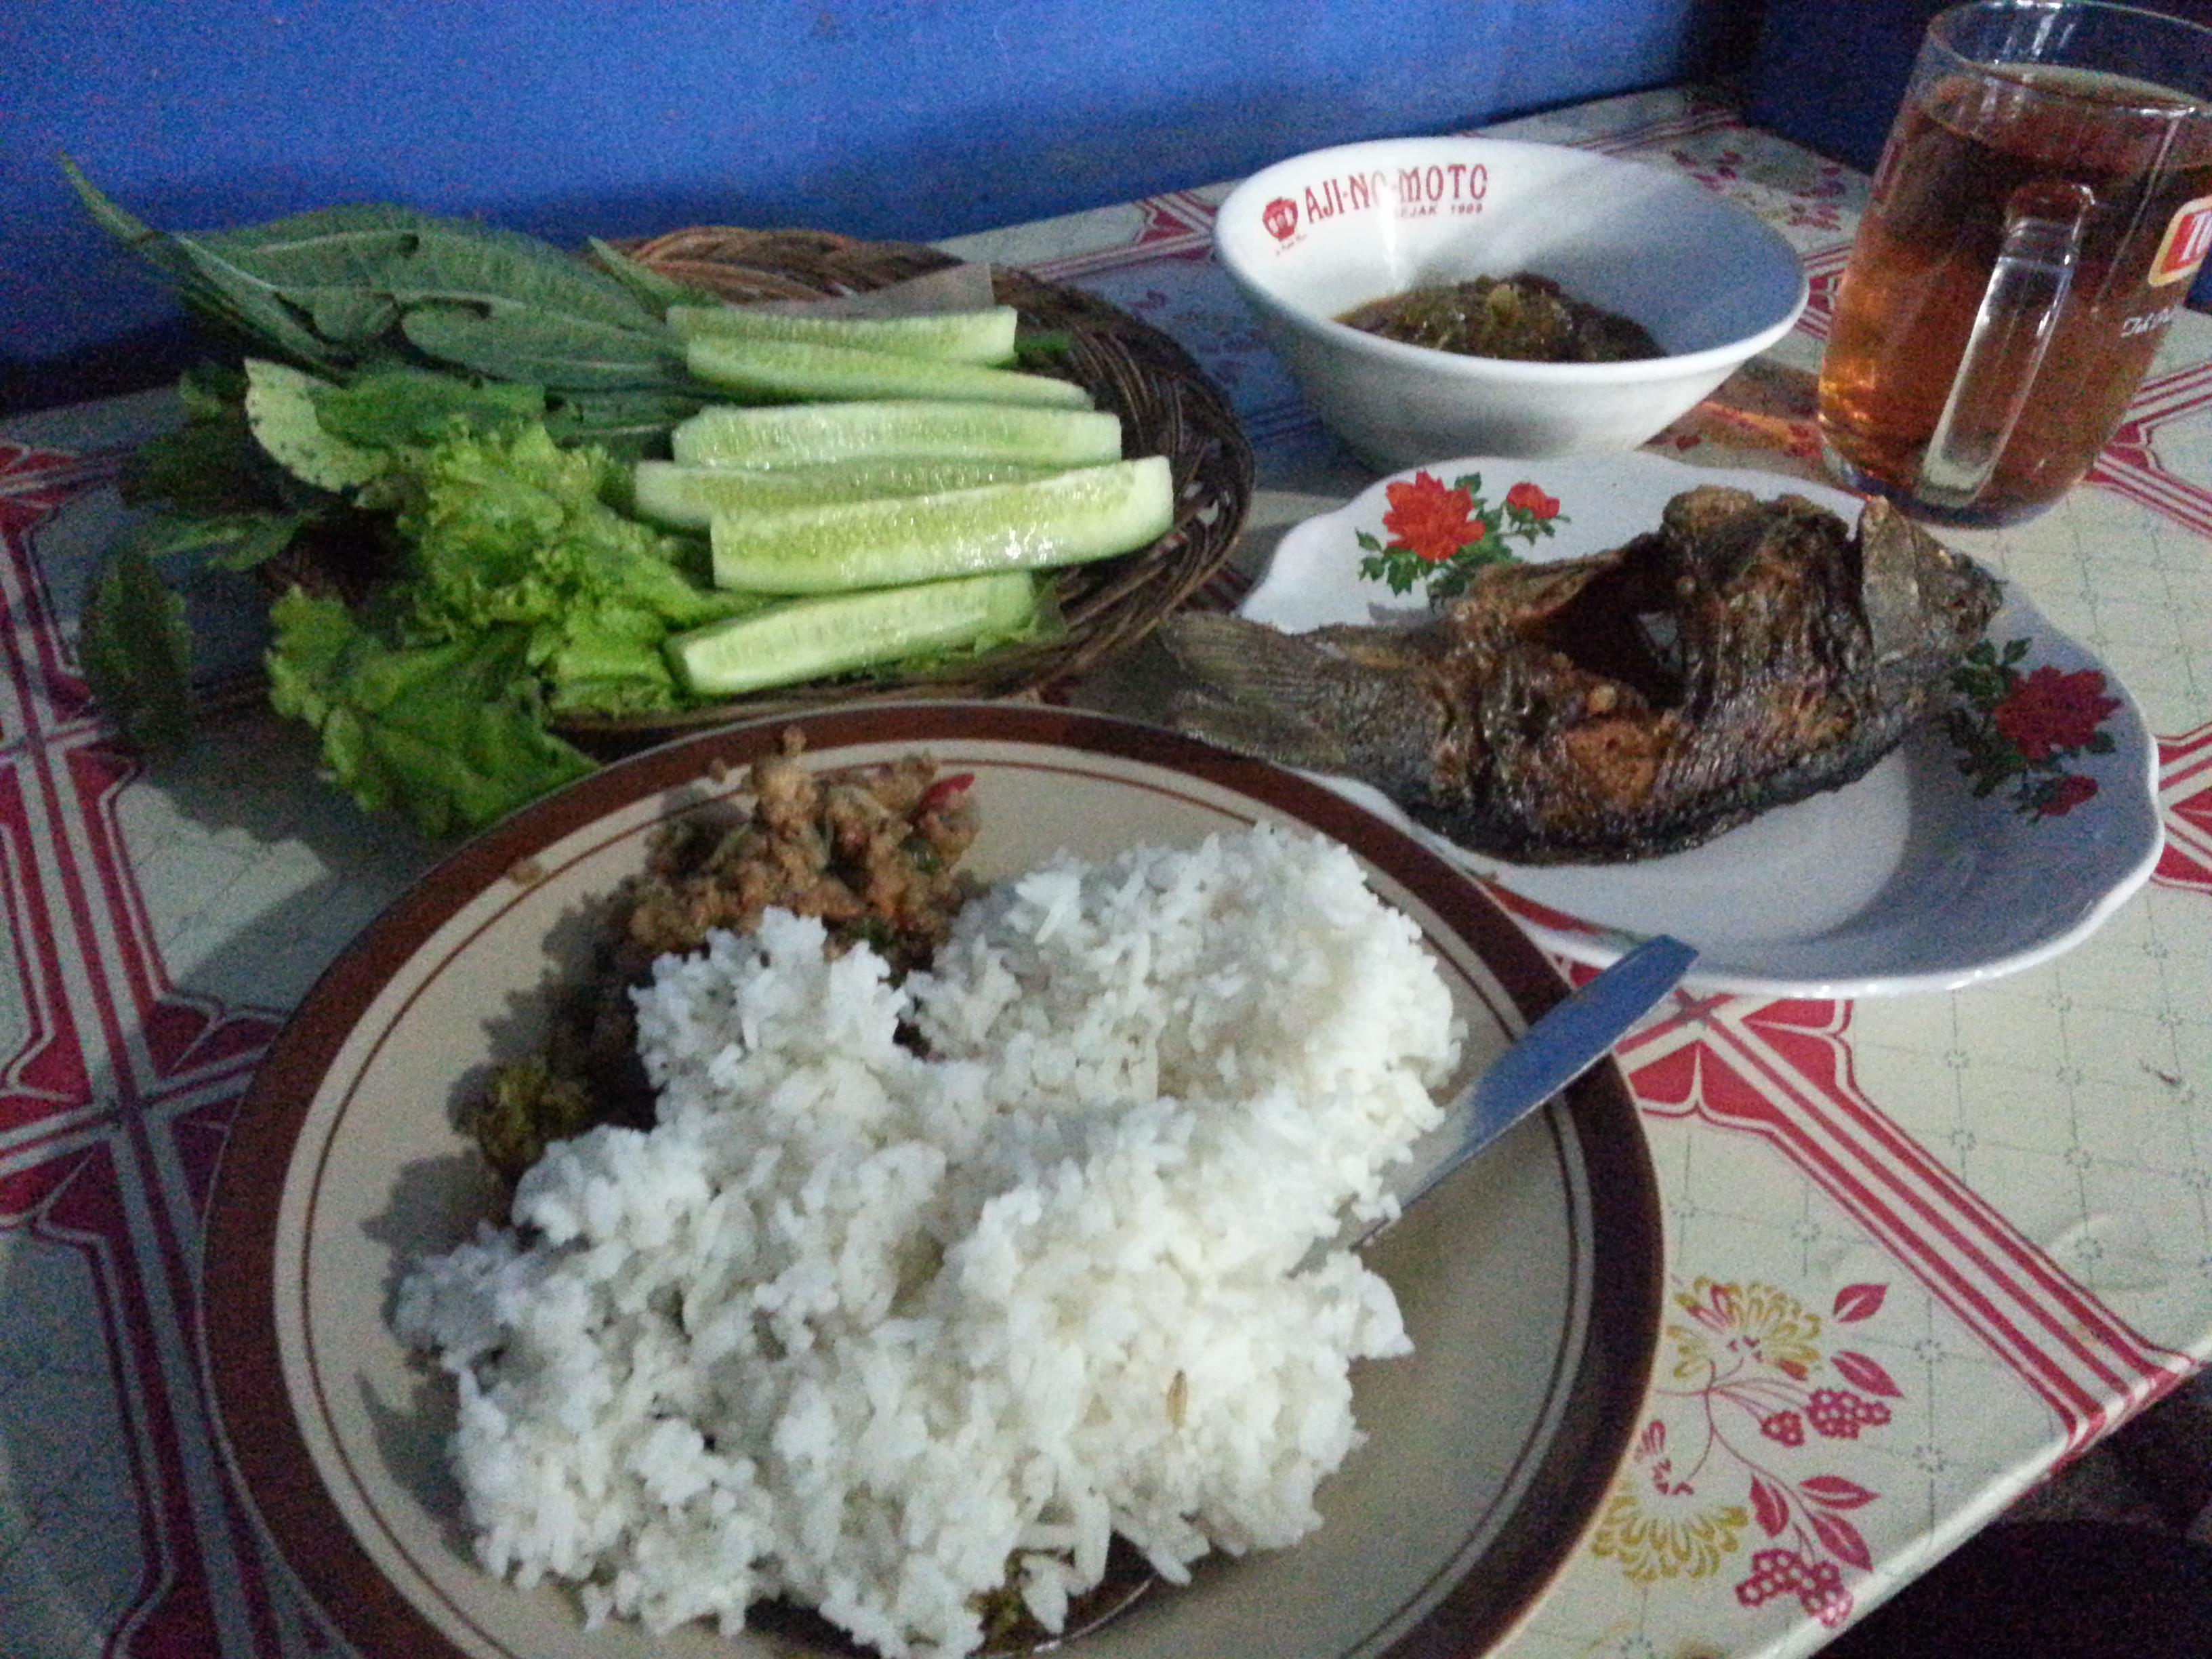 Makan Di Warung Sederhana Jl Dadali Berbagi Tak Pernah Rugi